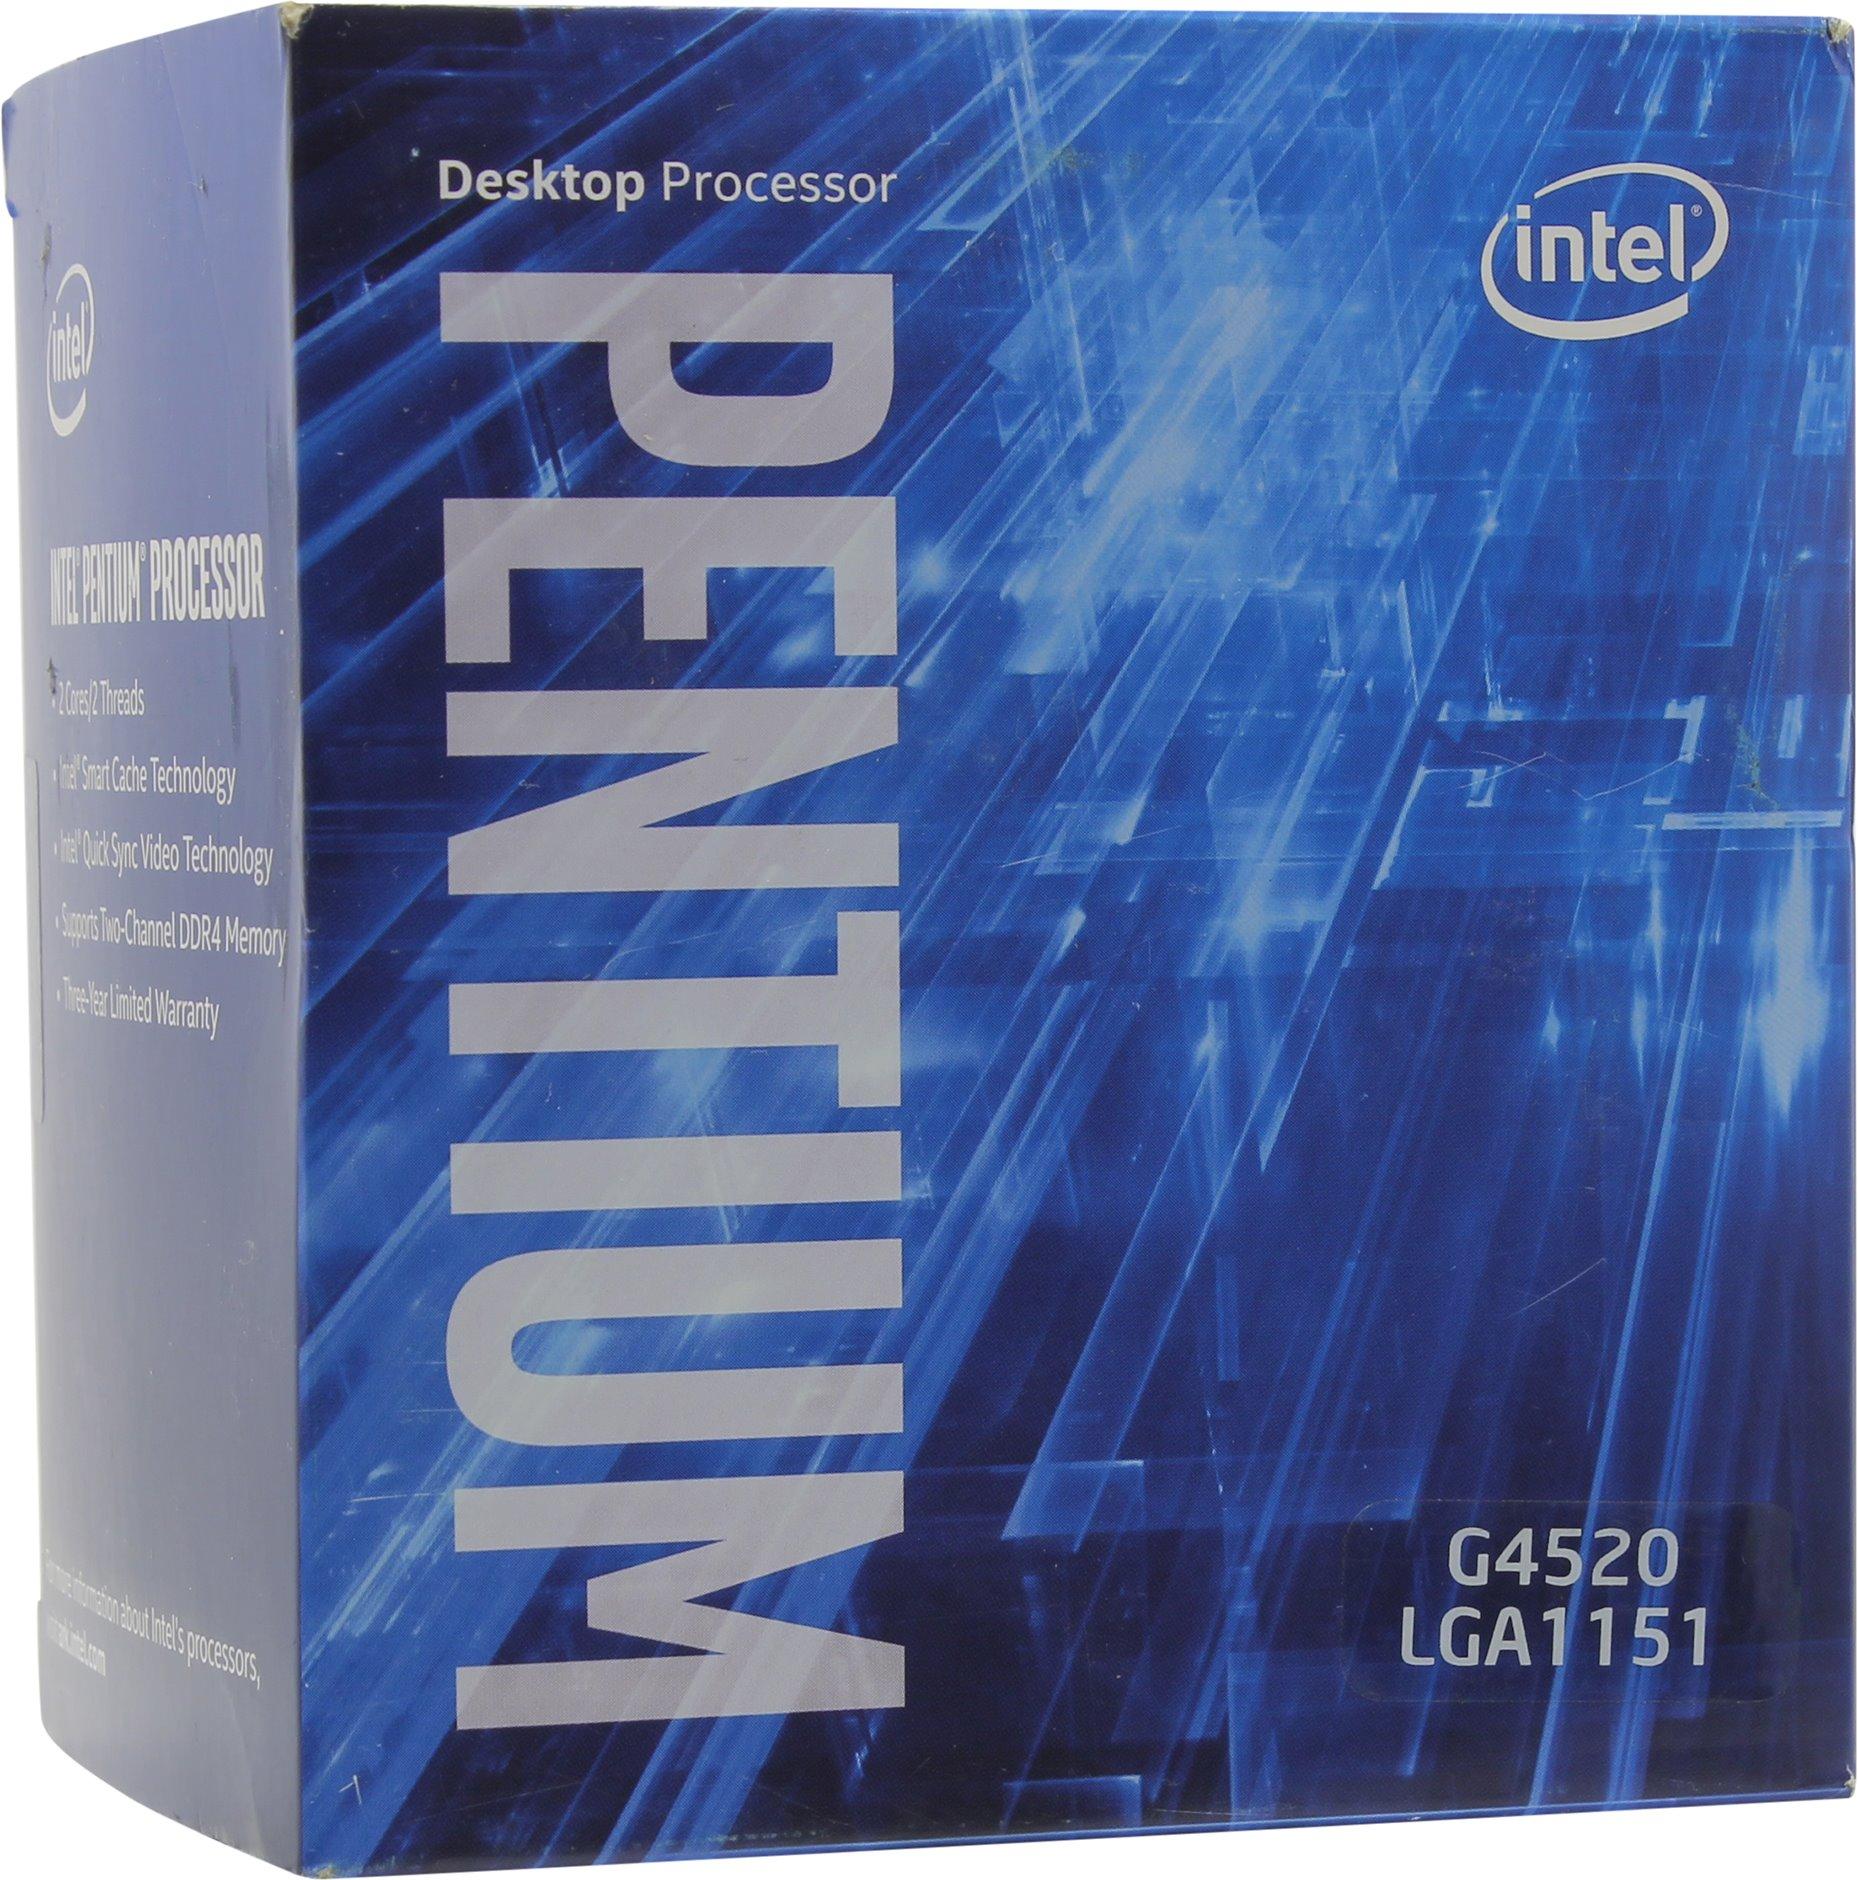 Intel Pentium G4520 (1151, Box)